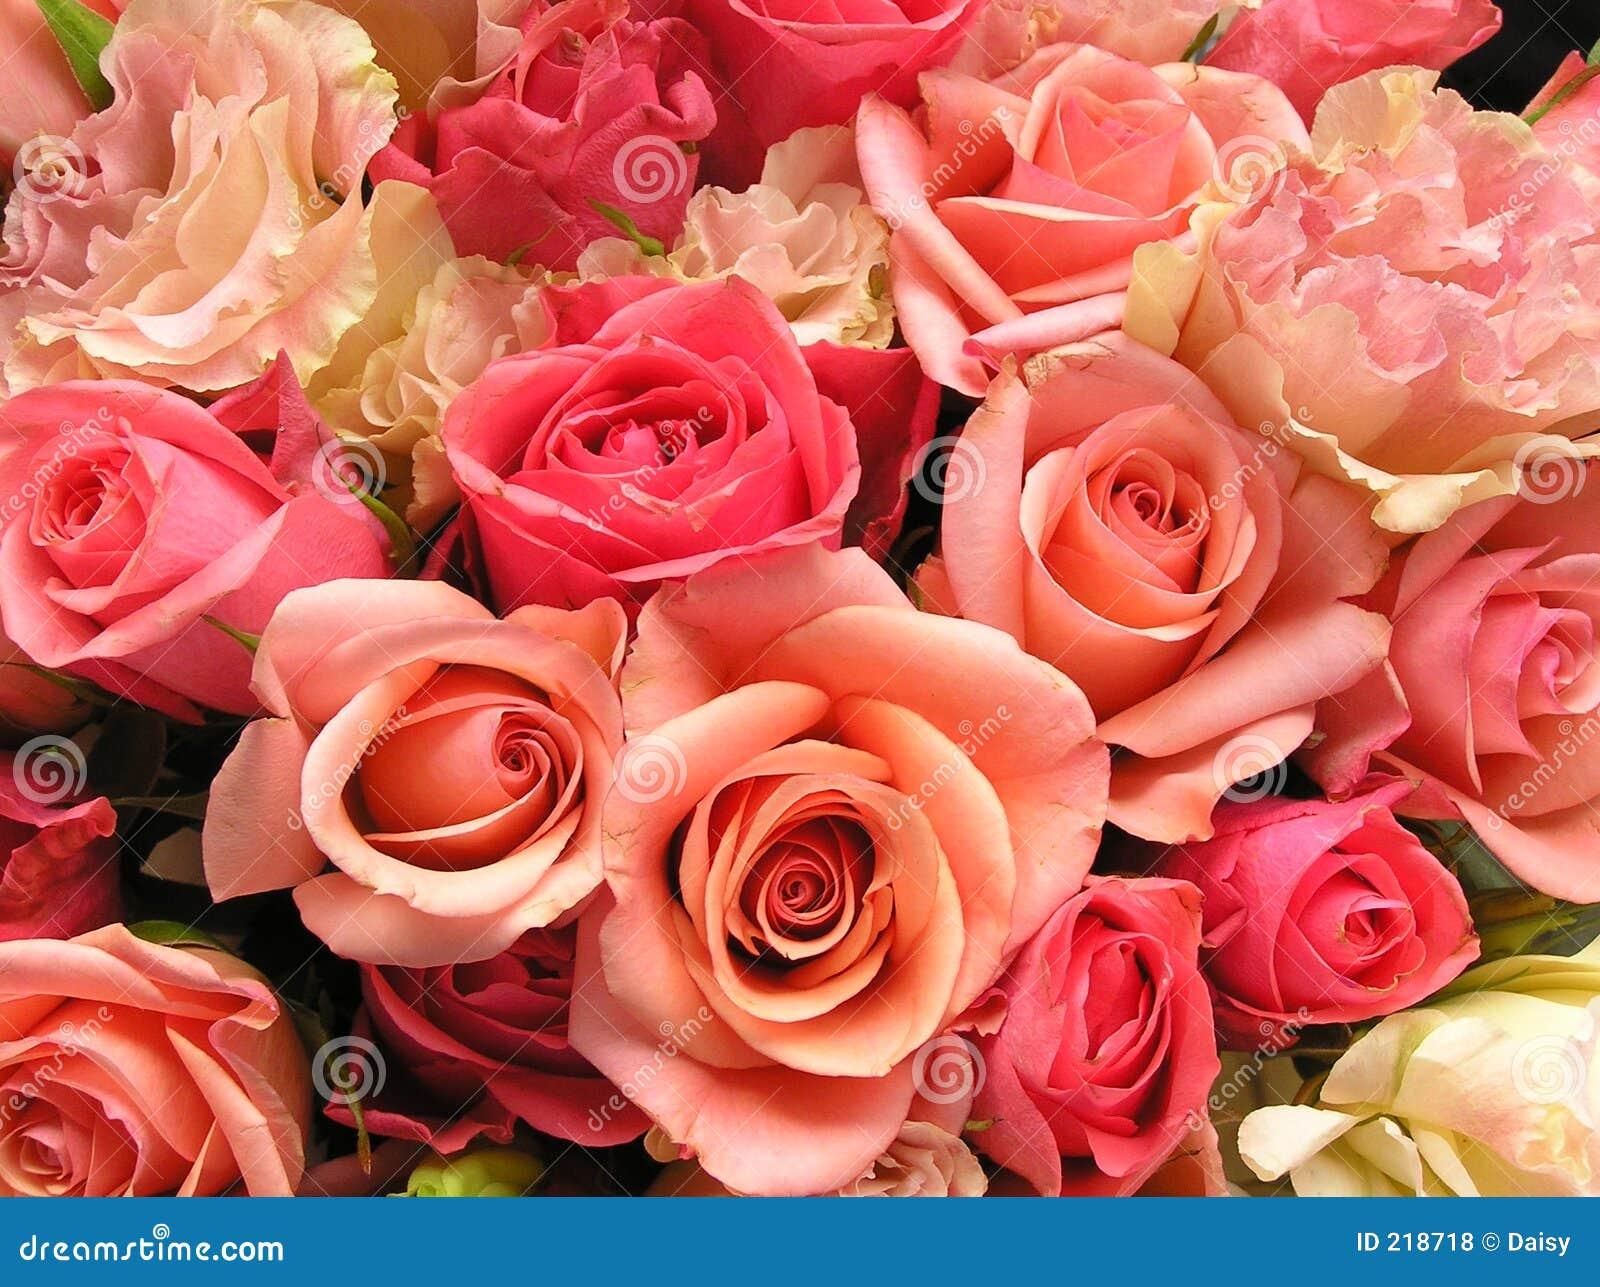 Romantische roze bloemen